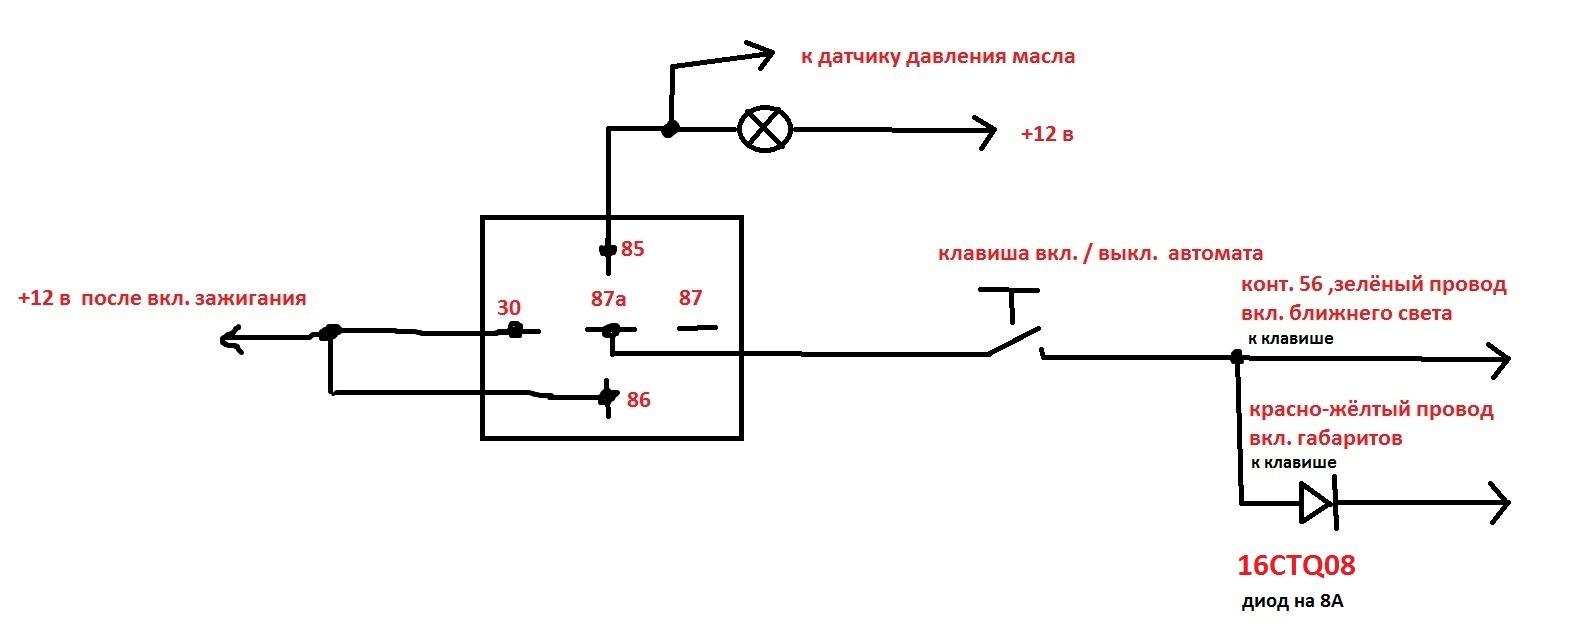 Схема зарядного устройства автомобильных аккумуляторов электрон 3м 38